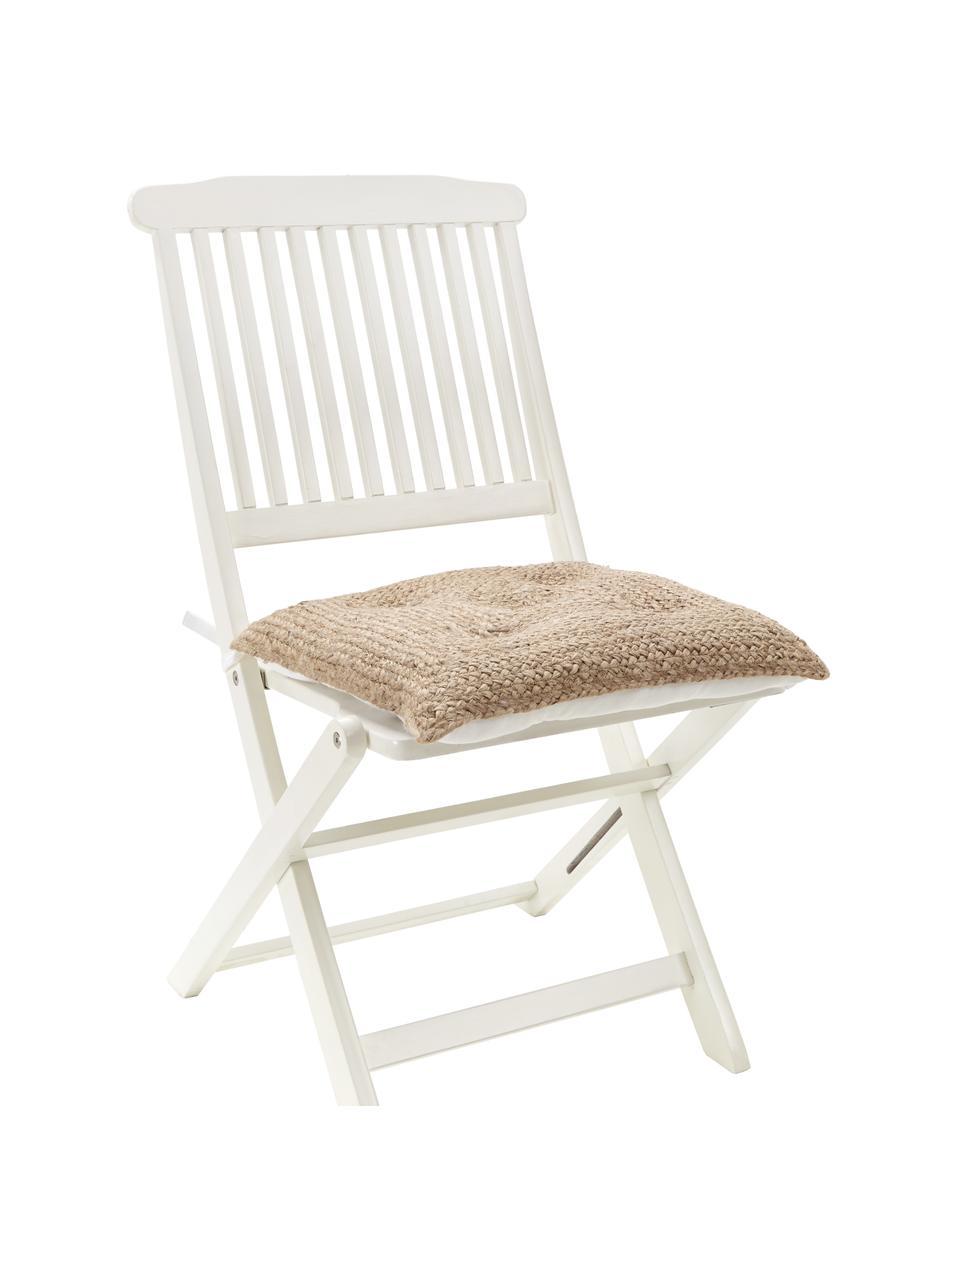 Cuscino sedia in juta Justina, Retro: 100% cotone, Beige, bianco, Larg. 40 x Lung. 40 cm